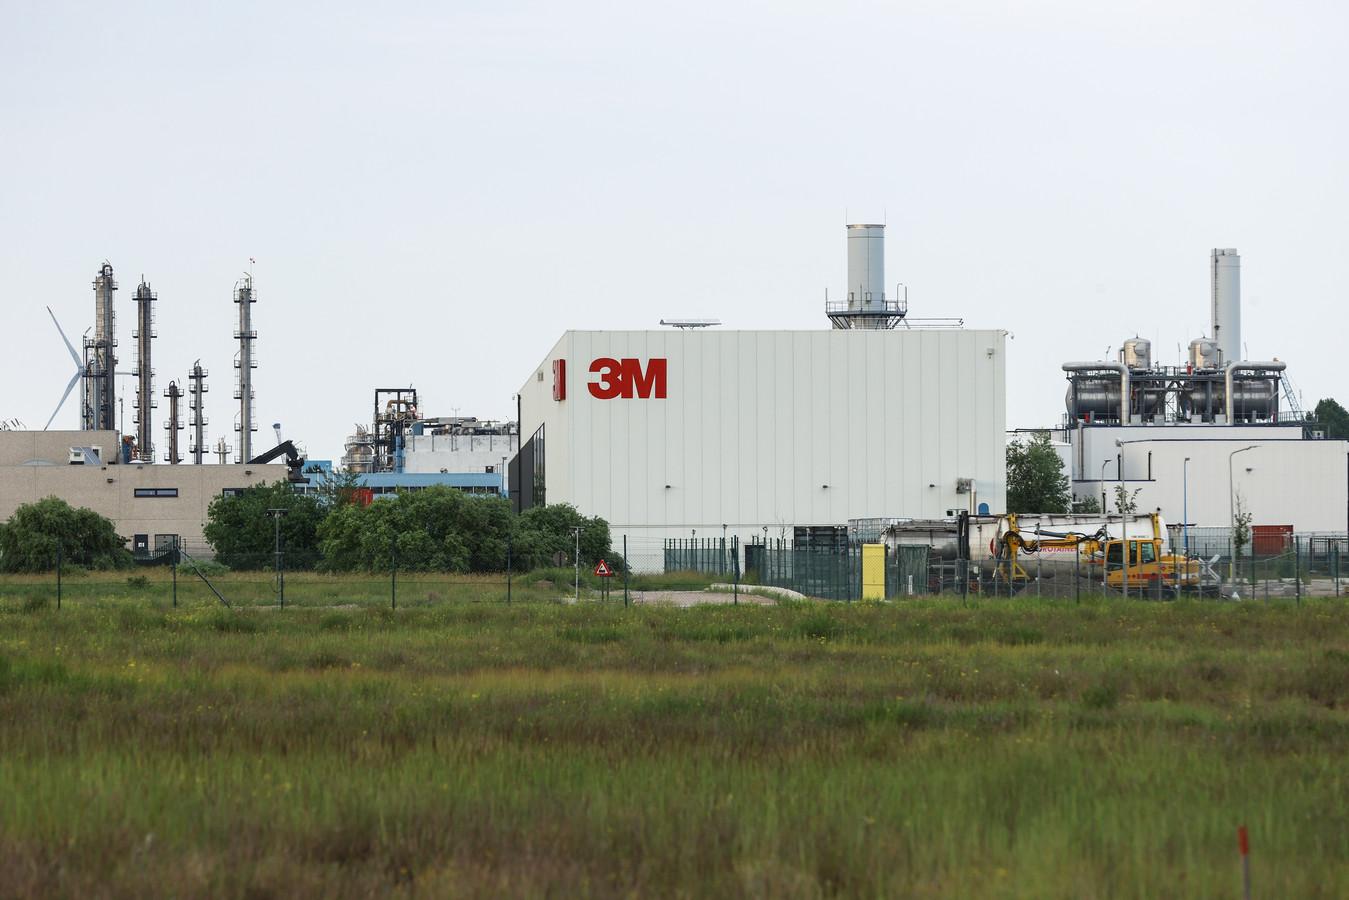 De 3M-fabriek in Zwijndrecht, bron van het PFOS-probleem in Zwijndrecht en in een perimeter van 15 kilometer daarrond.